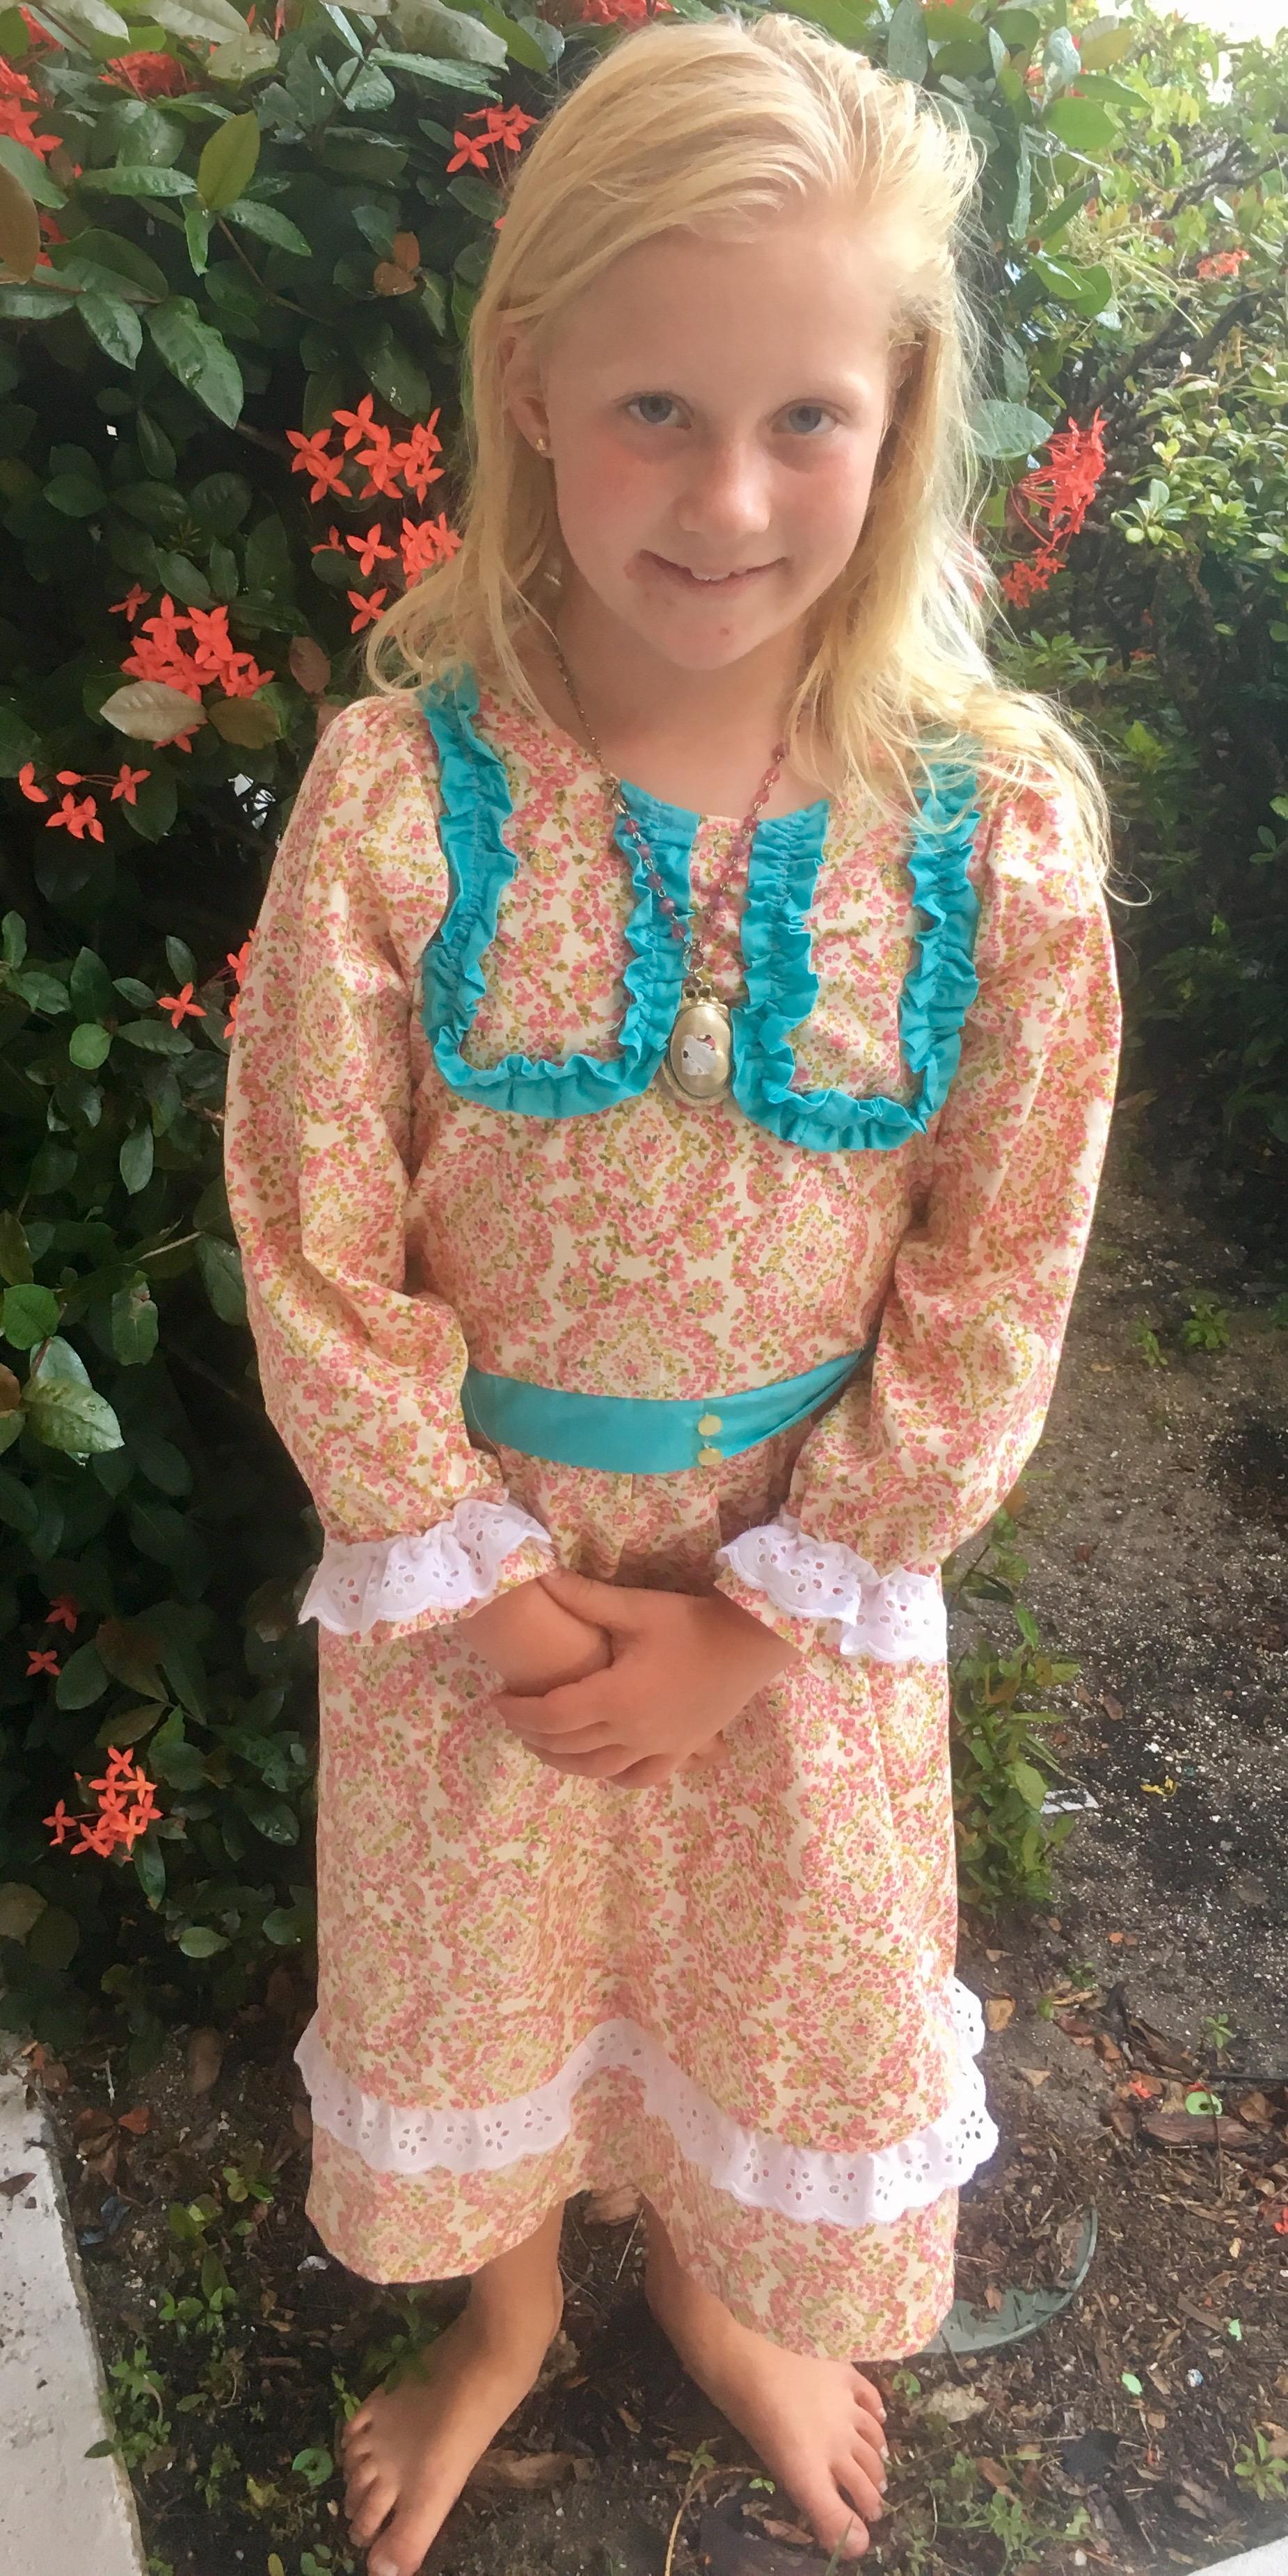 Audrey in her big woods dress